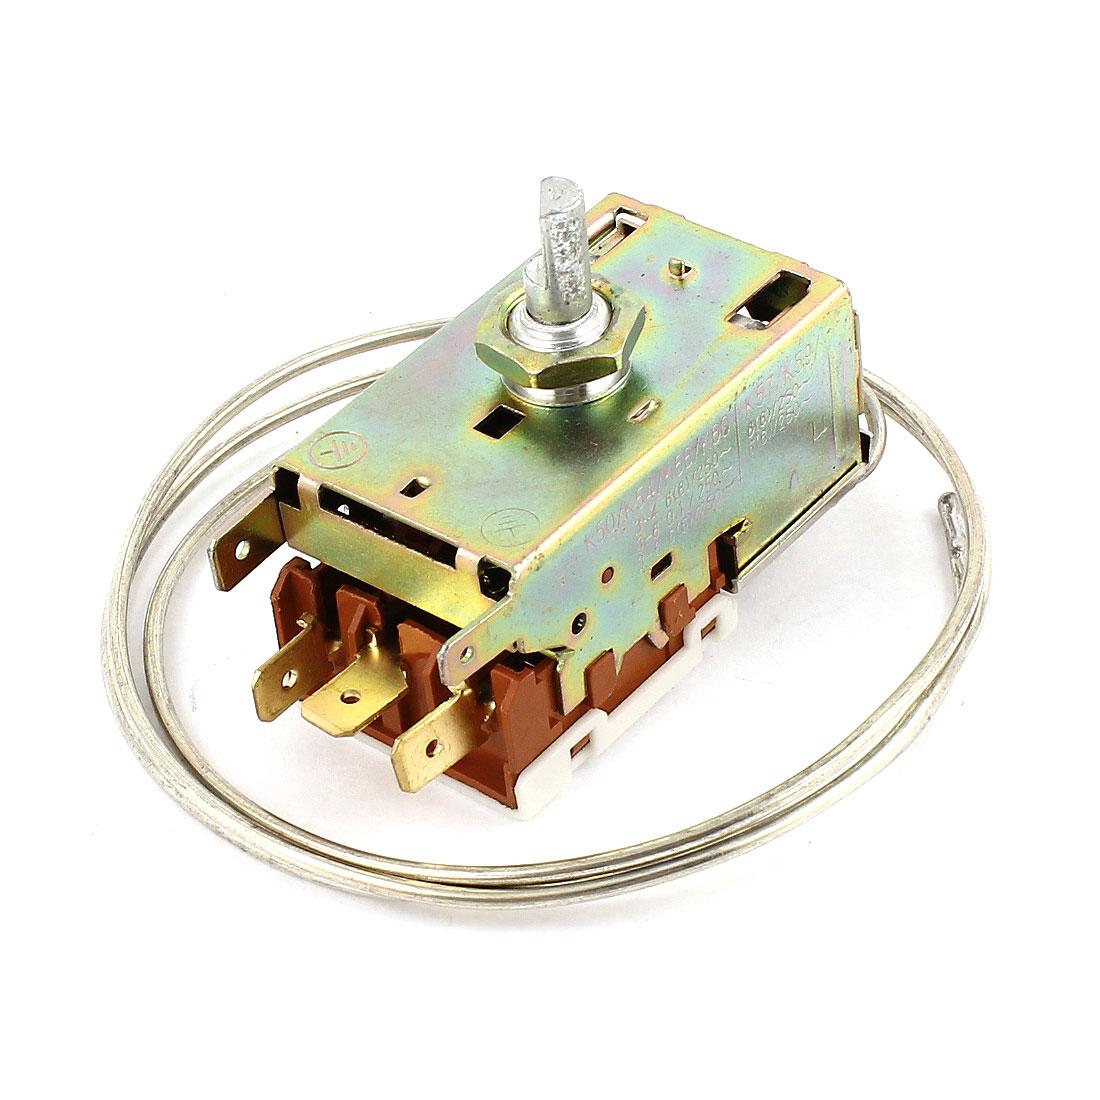 5 to 15 Celsius Degree 3 Pins Freezer Refrigerator Insulating AC 220V/5A 250V/4A